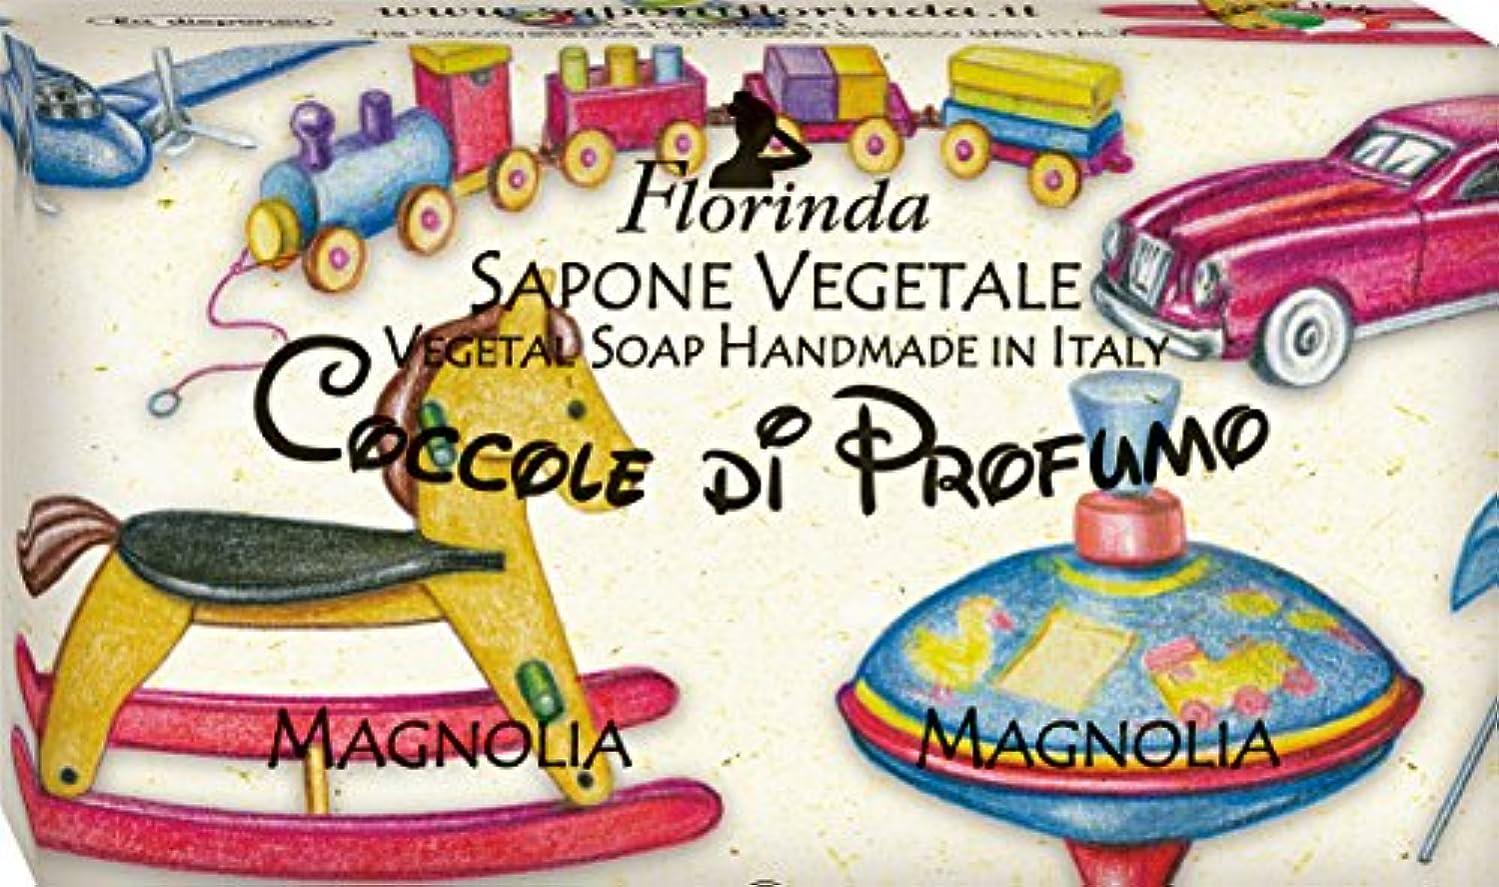 禁じる最後に繁雑フロリンダ フレグランスソープ おもちゃシリーズ マグノリア